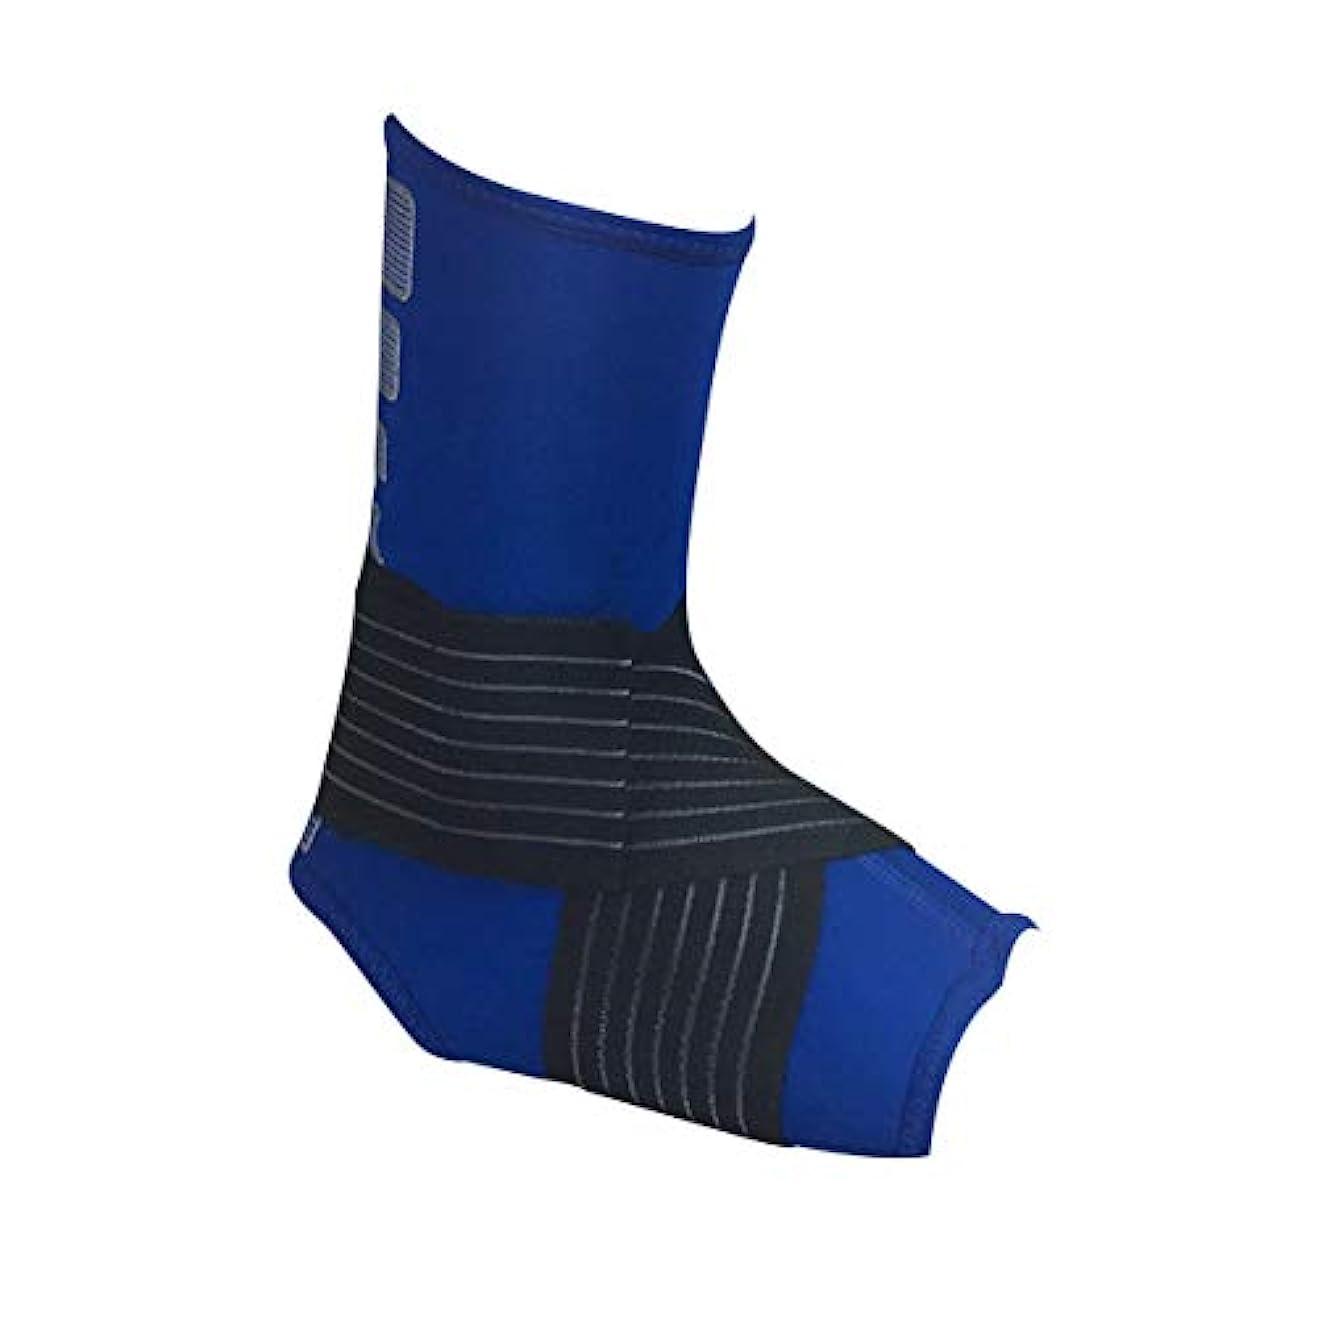 仲人医薬サイバースペース足首フットパッド包帯ブレースサポート保護足首ガードパッド快適な足首袖ランニングフィットネスサイクリング